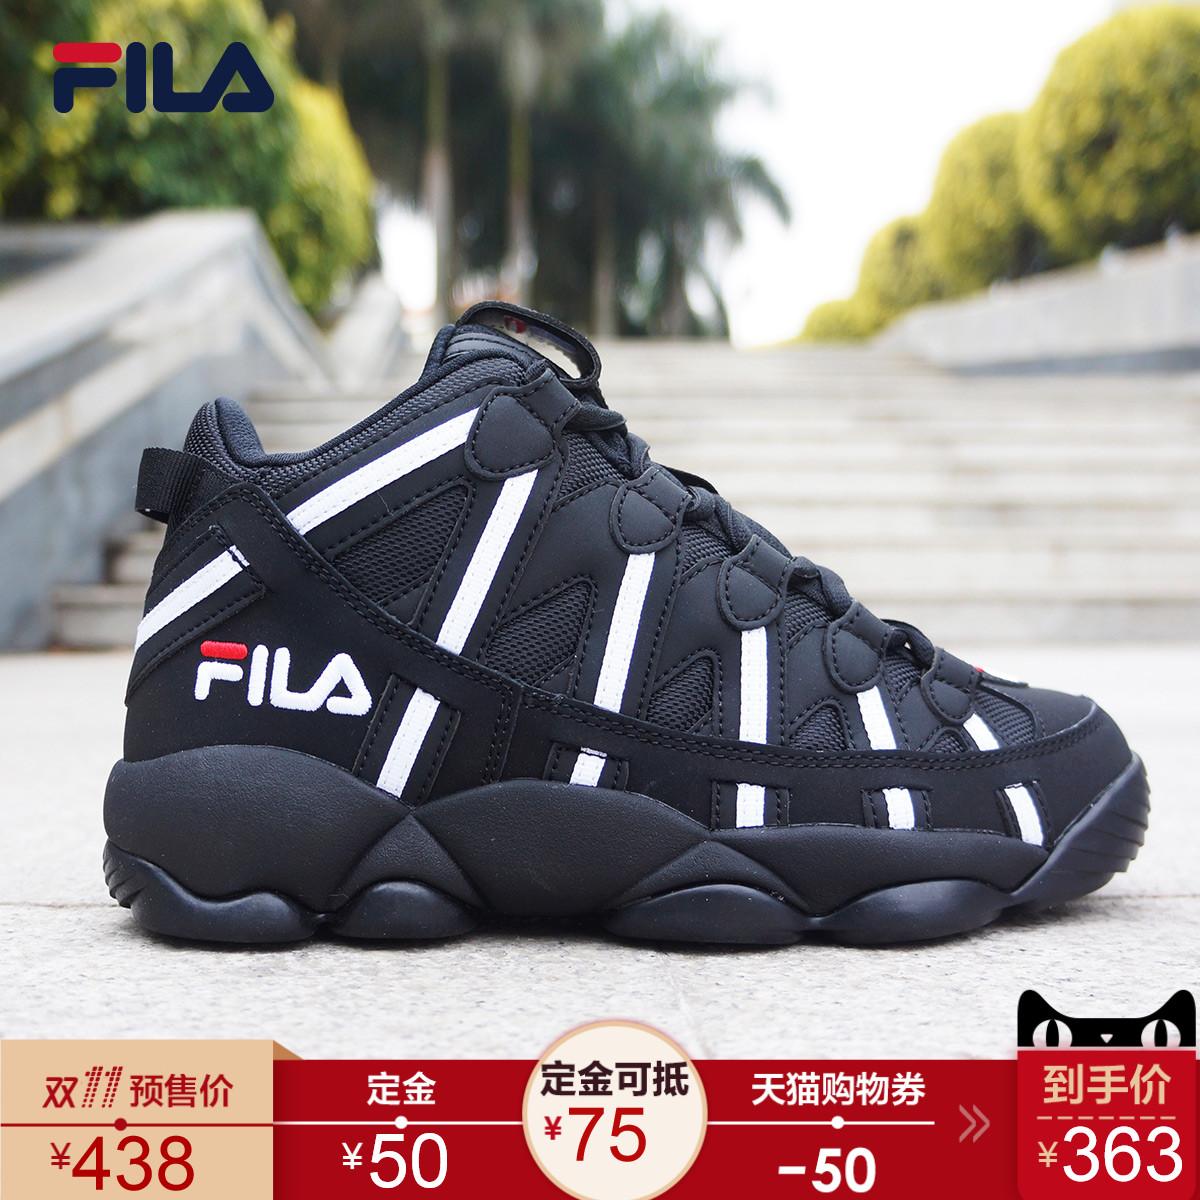 【预售】FILA斐乐BB鞋男鞋新款运动休闲鞋经典潮流运动鞋跑步鞋男